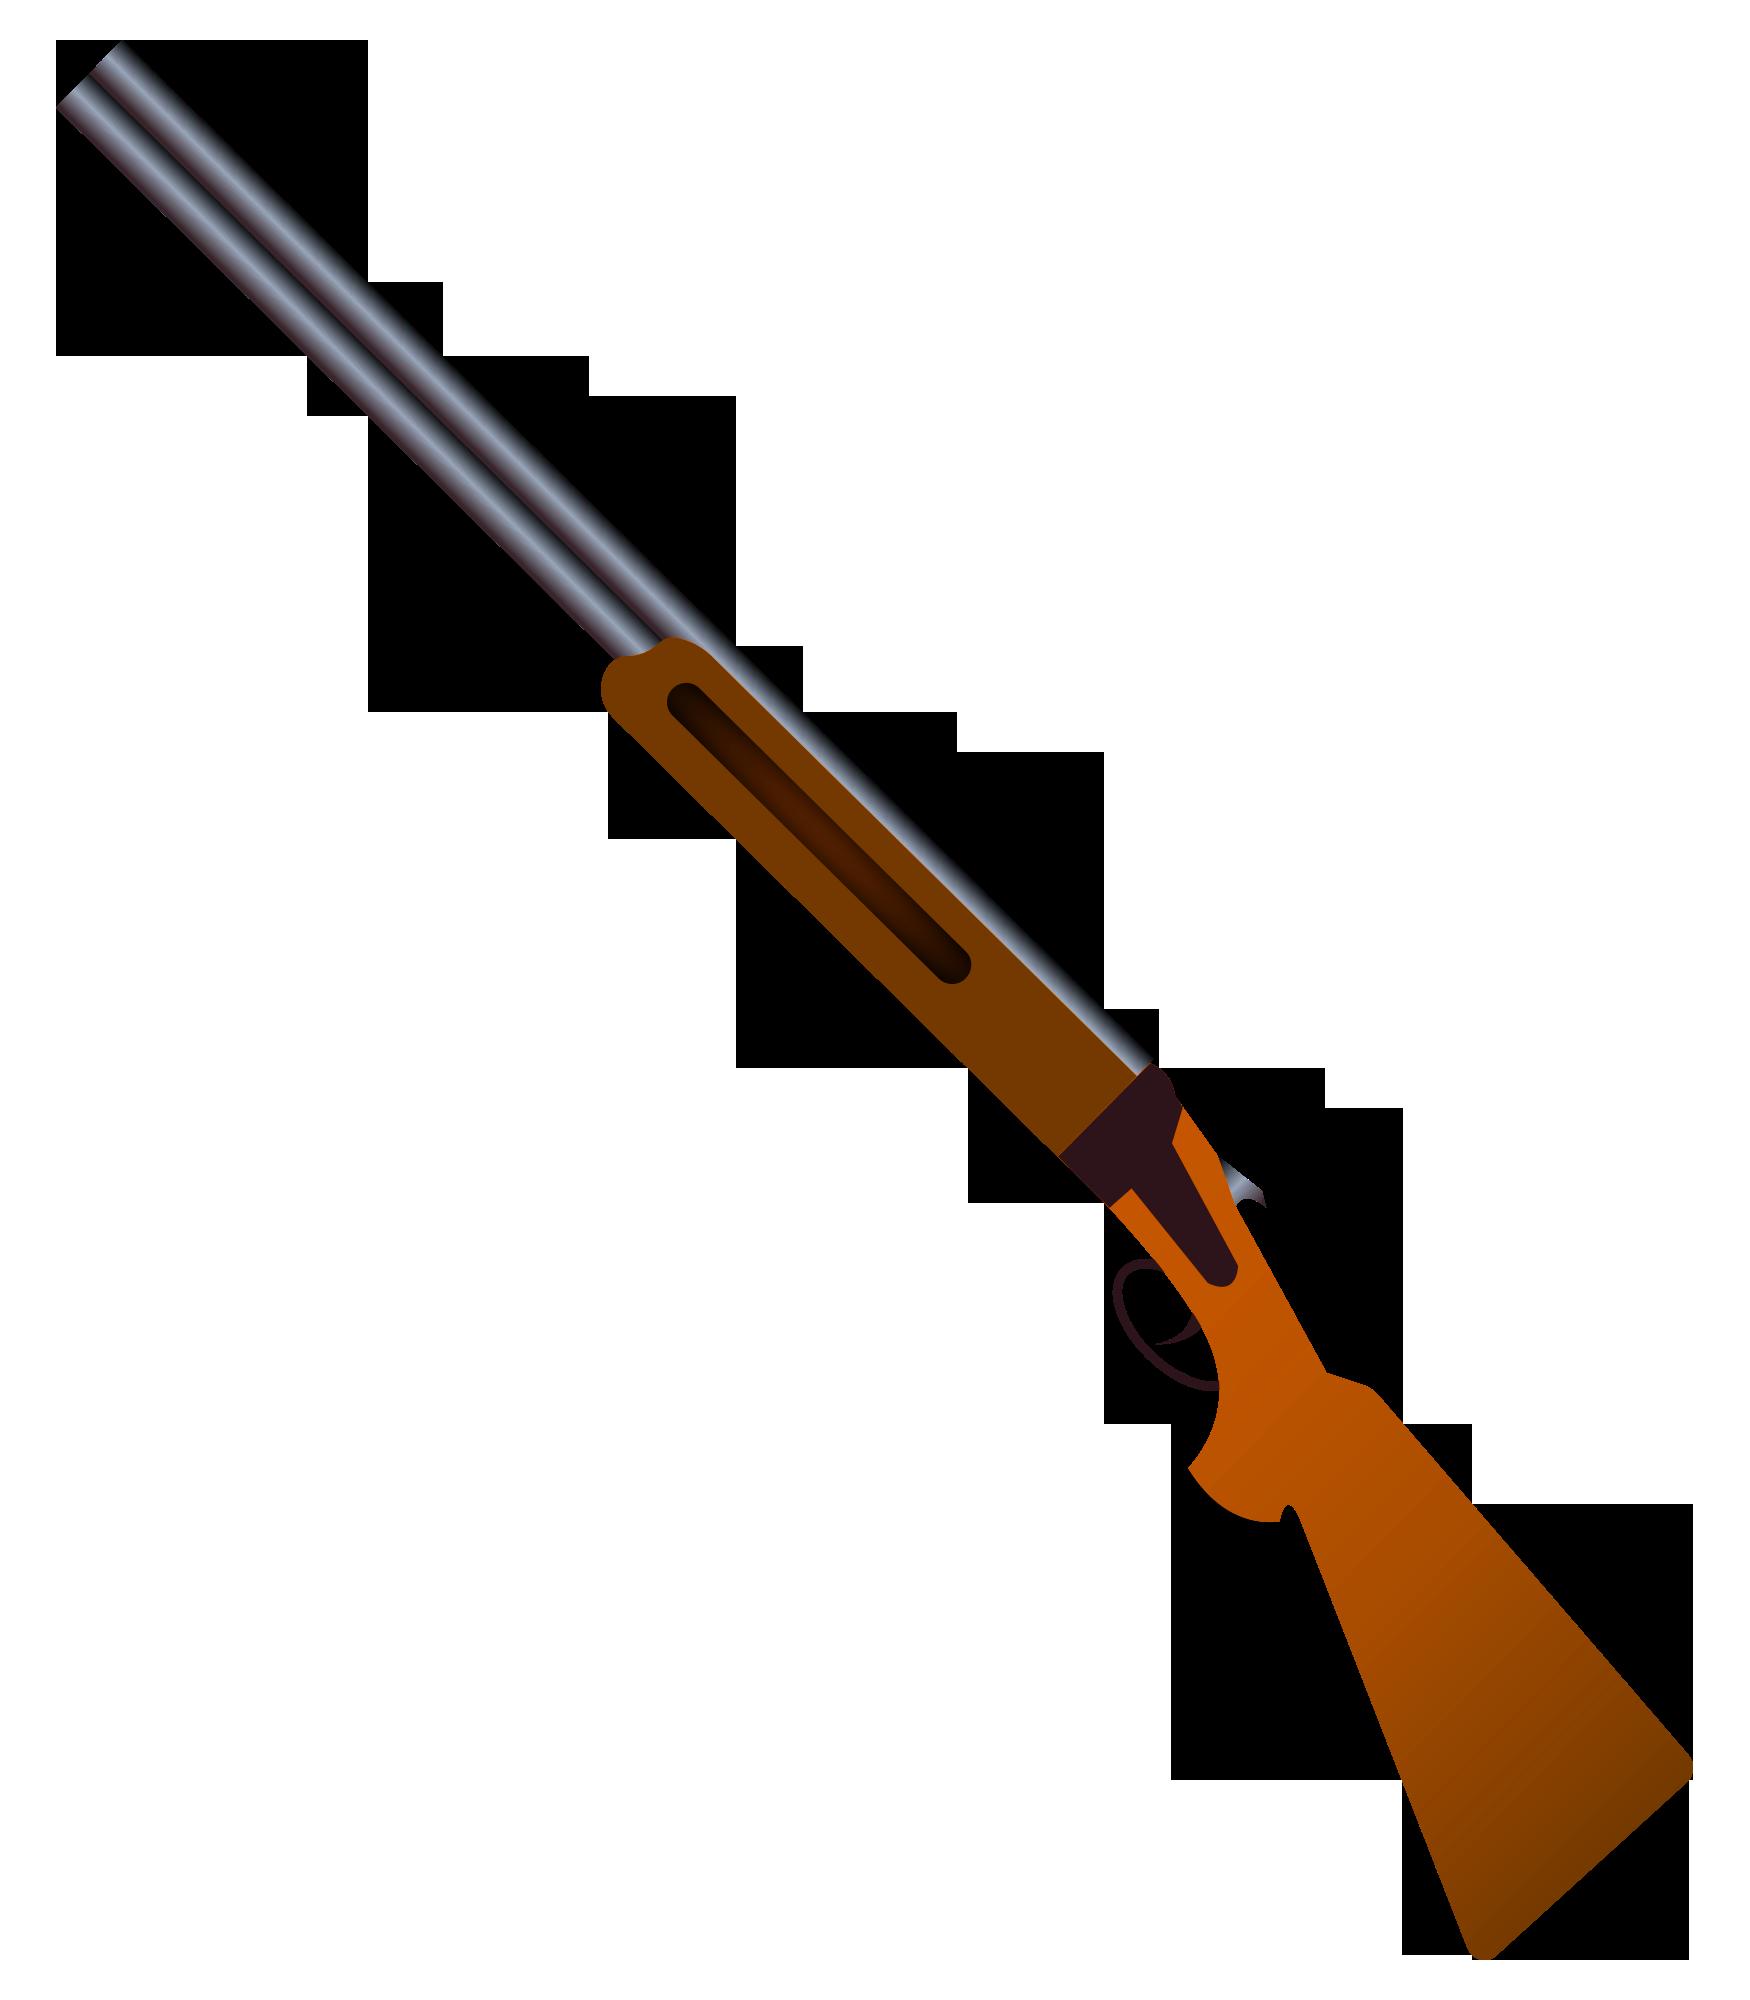 Clipart gun shotgun. Png image purepng free